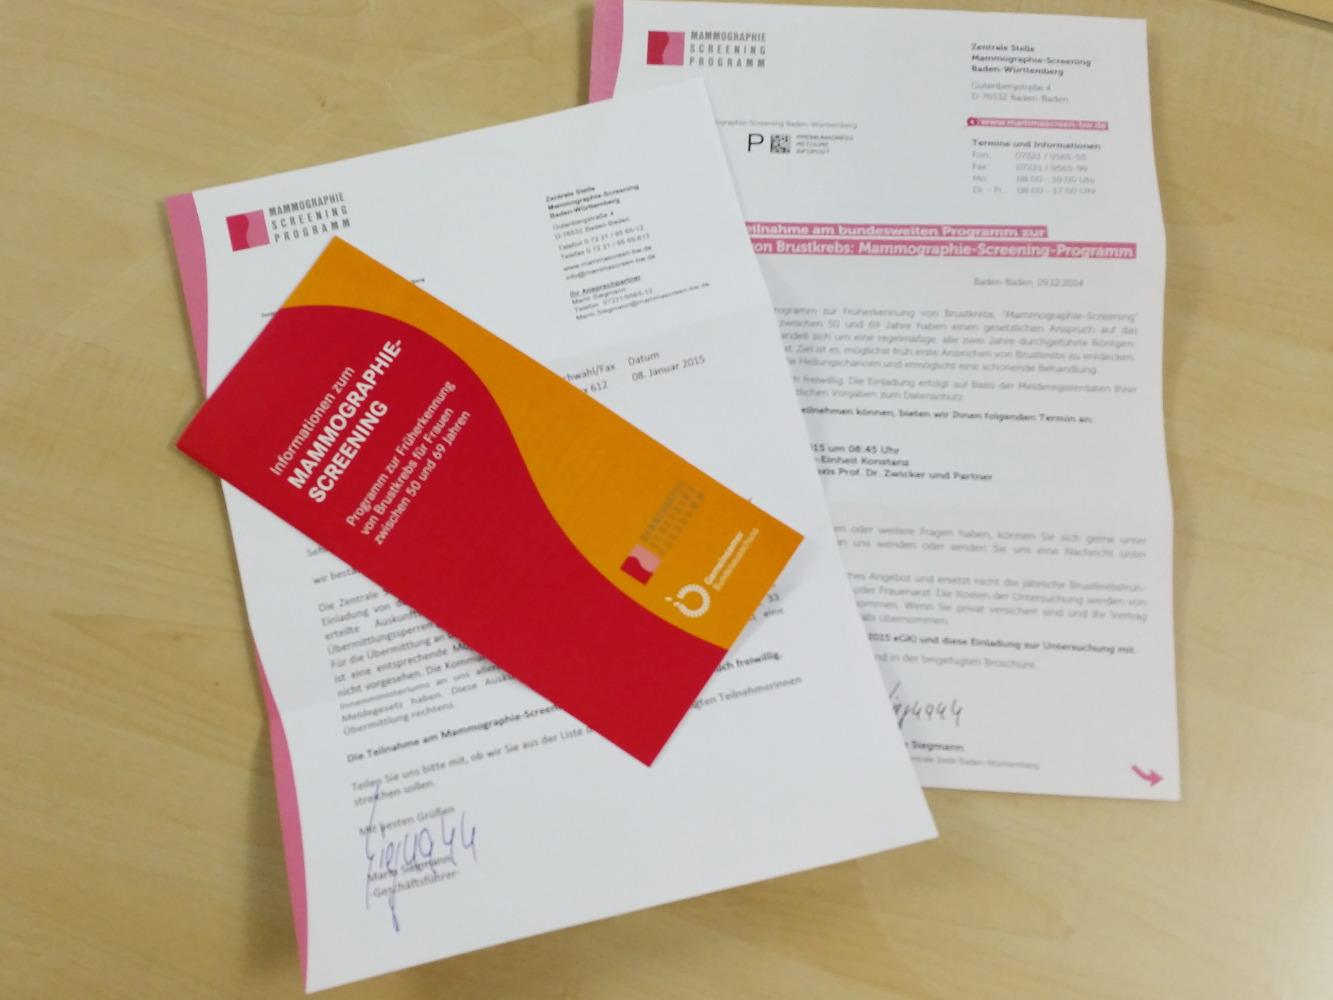 Mammographie-Screening-Einladungen und Flyer nach Melderegister